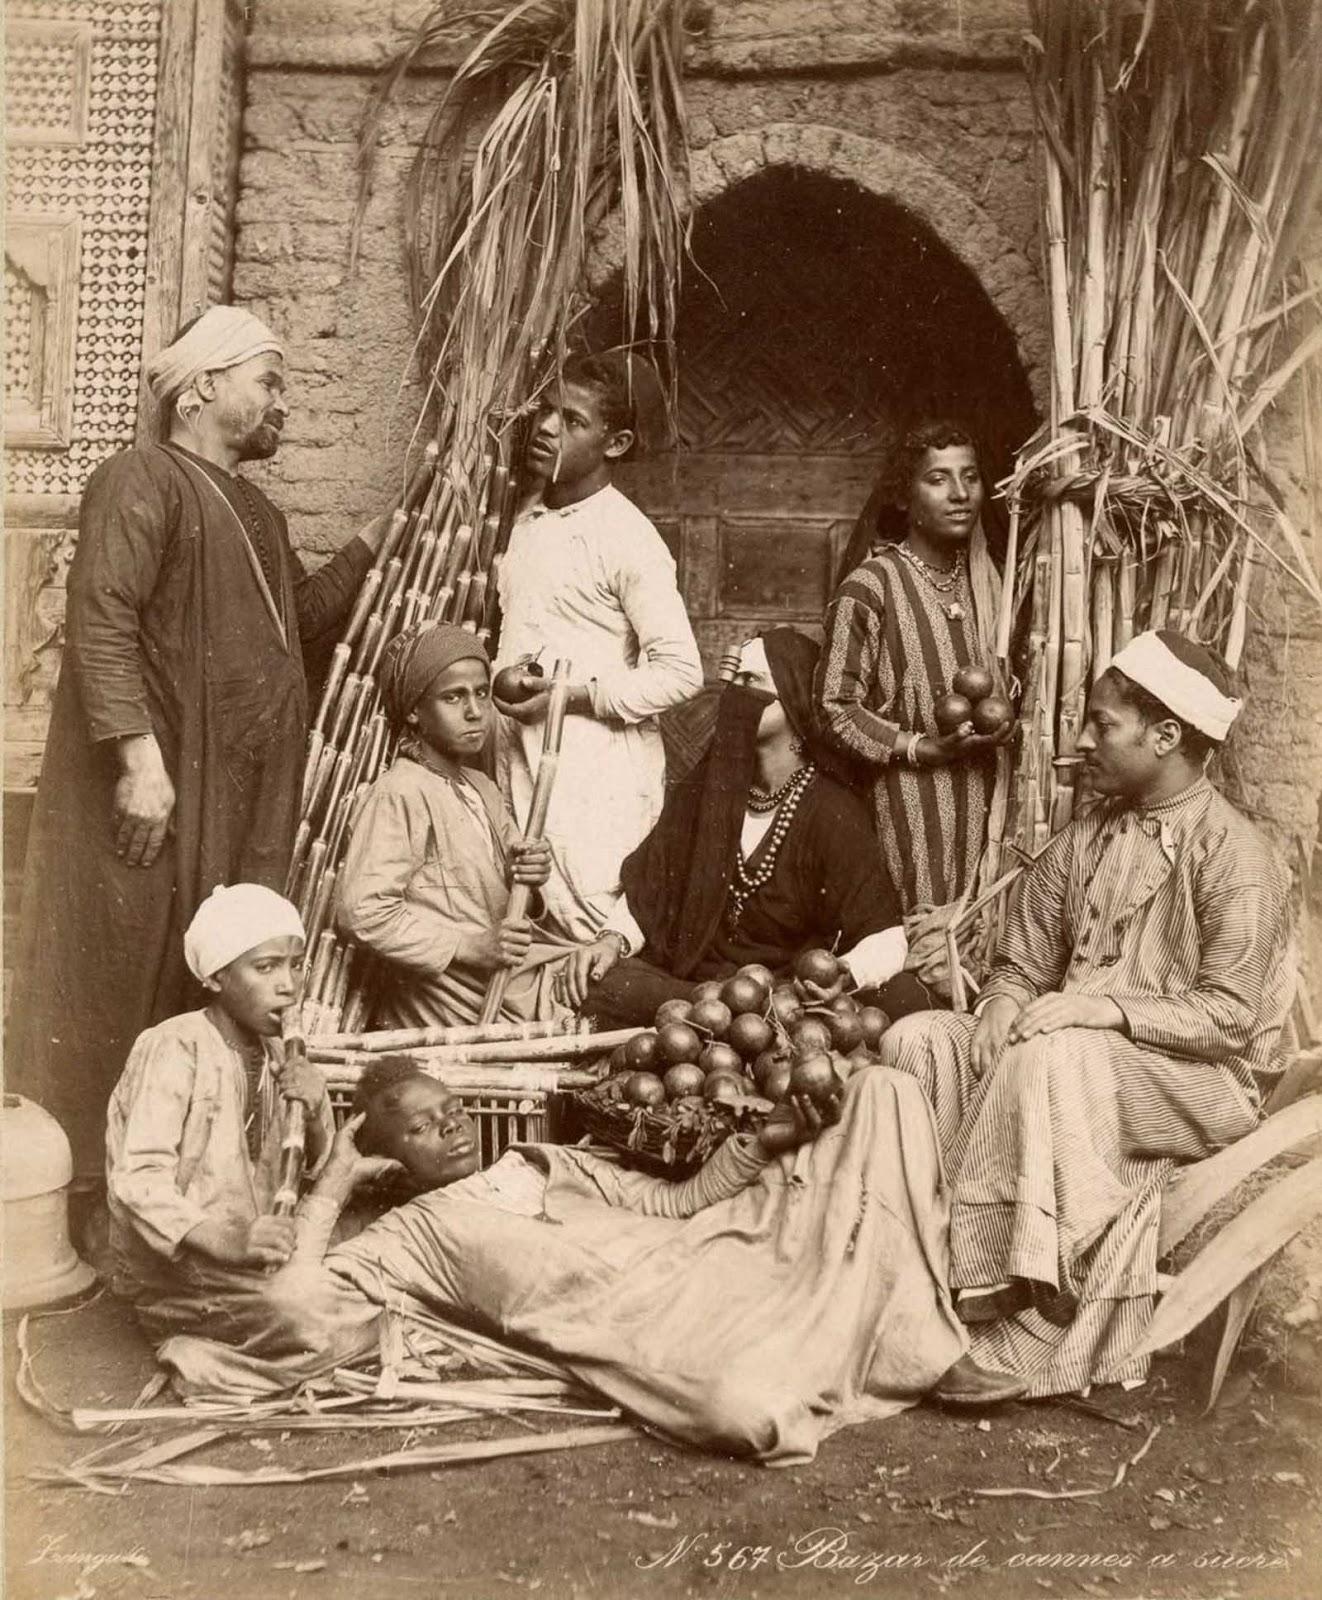 Vendedores em um mercado local